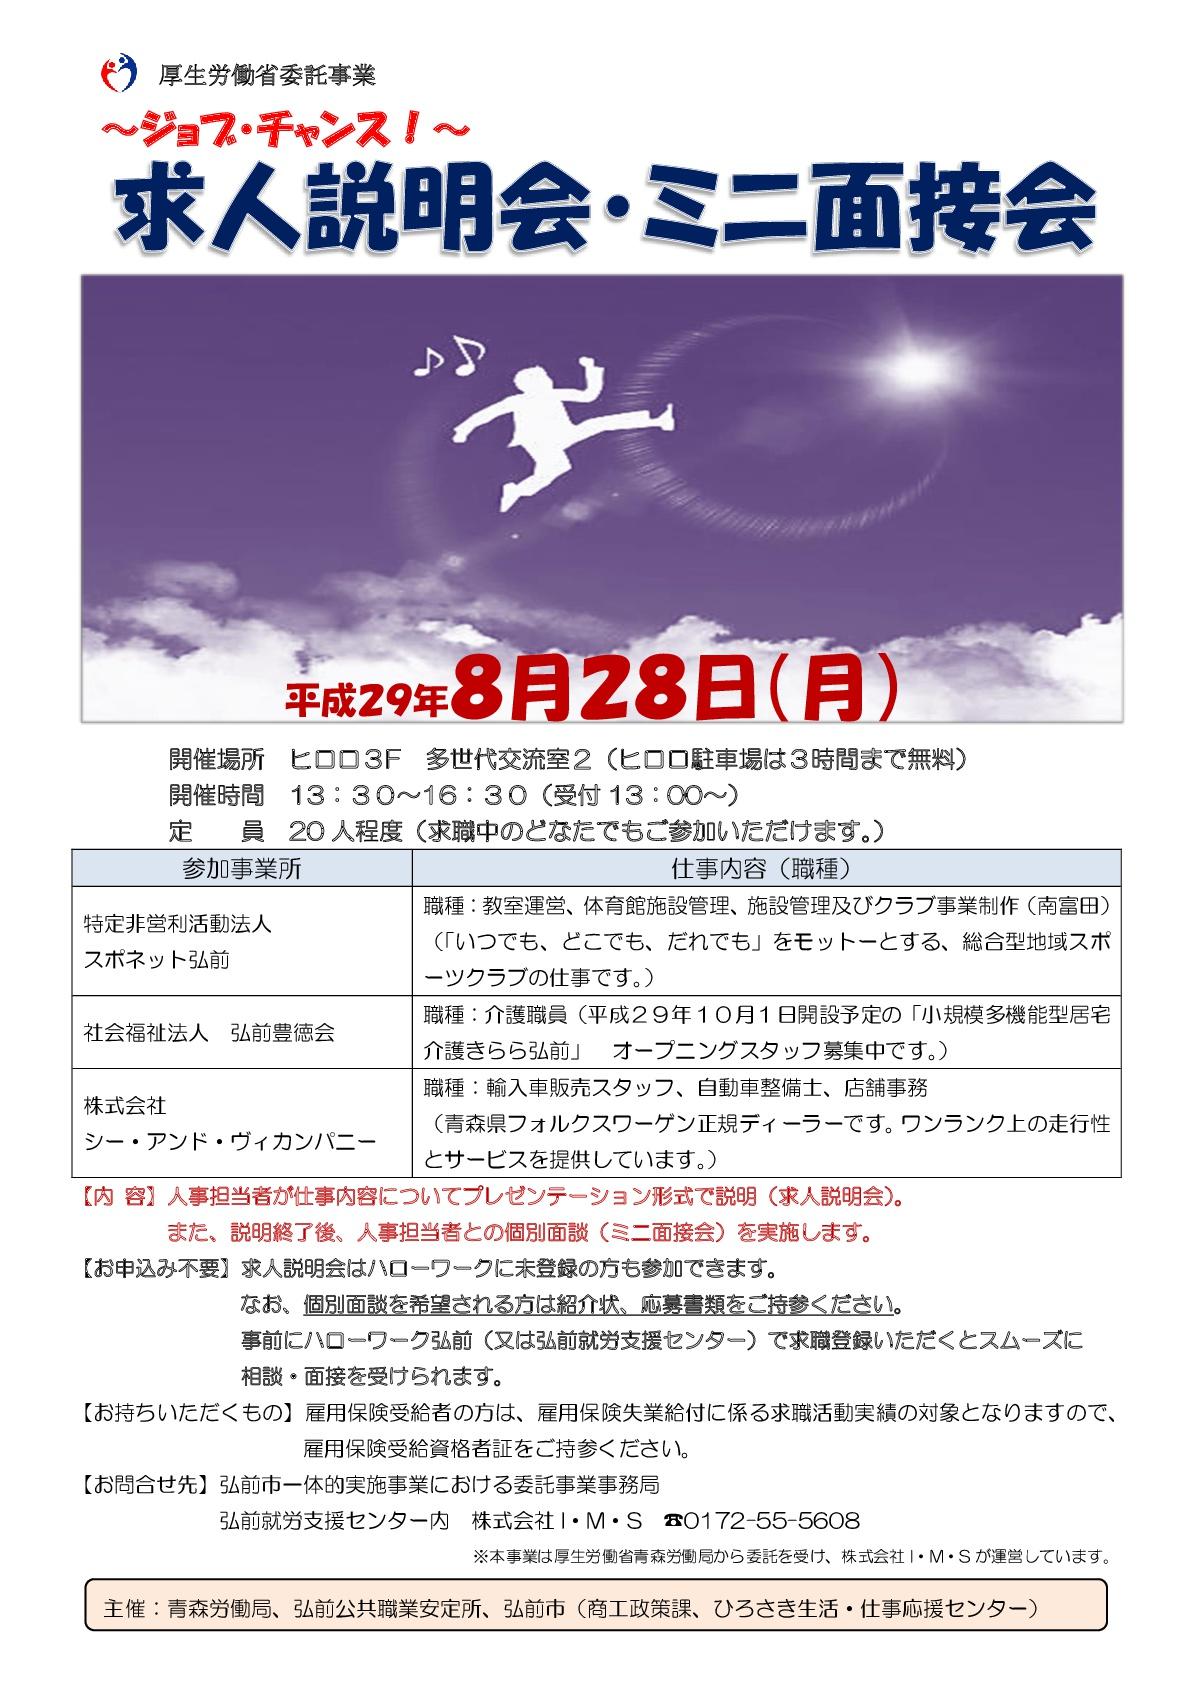 リーフレット8月28日追加紫-001.jpg